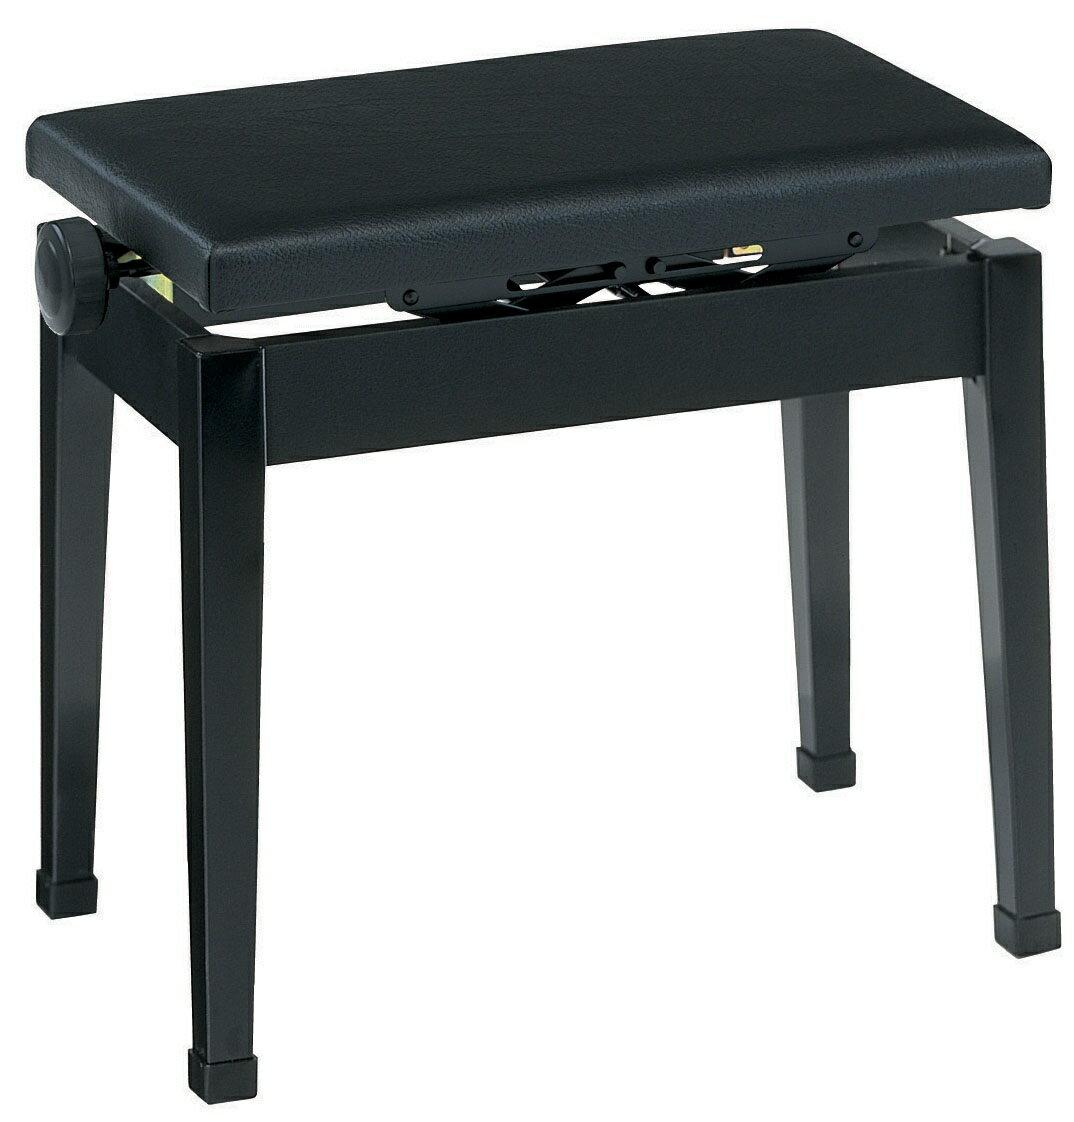 甲南 P-50 電子ピアノ用のイスとして最適です!